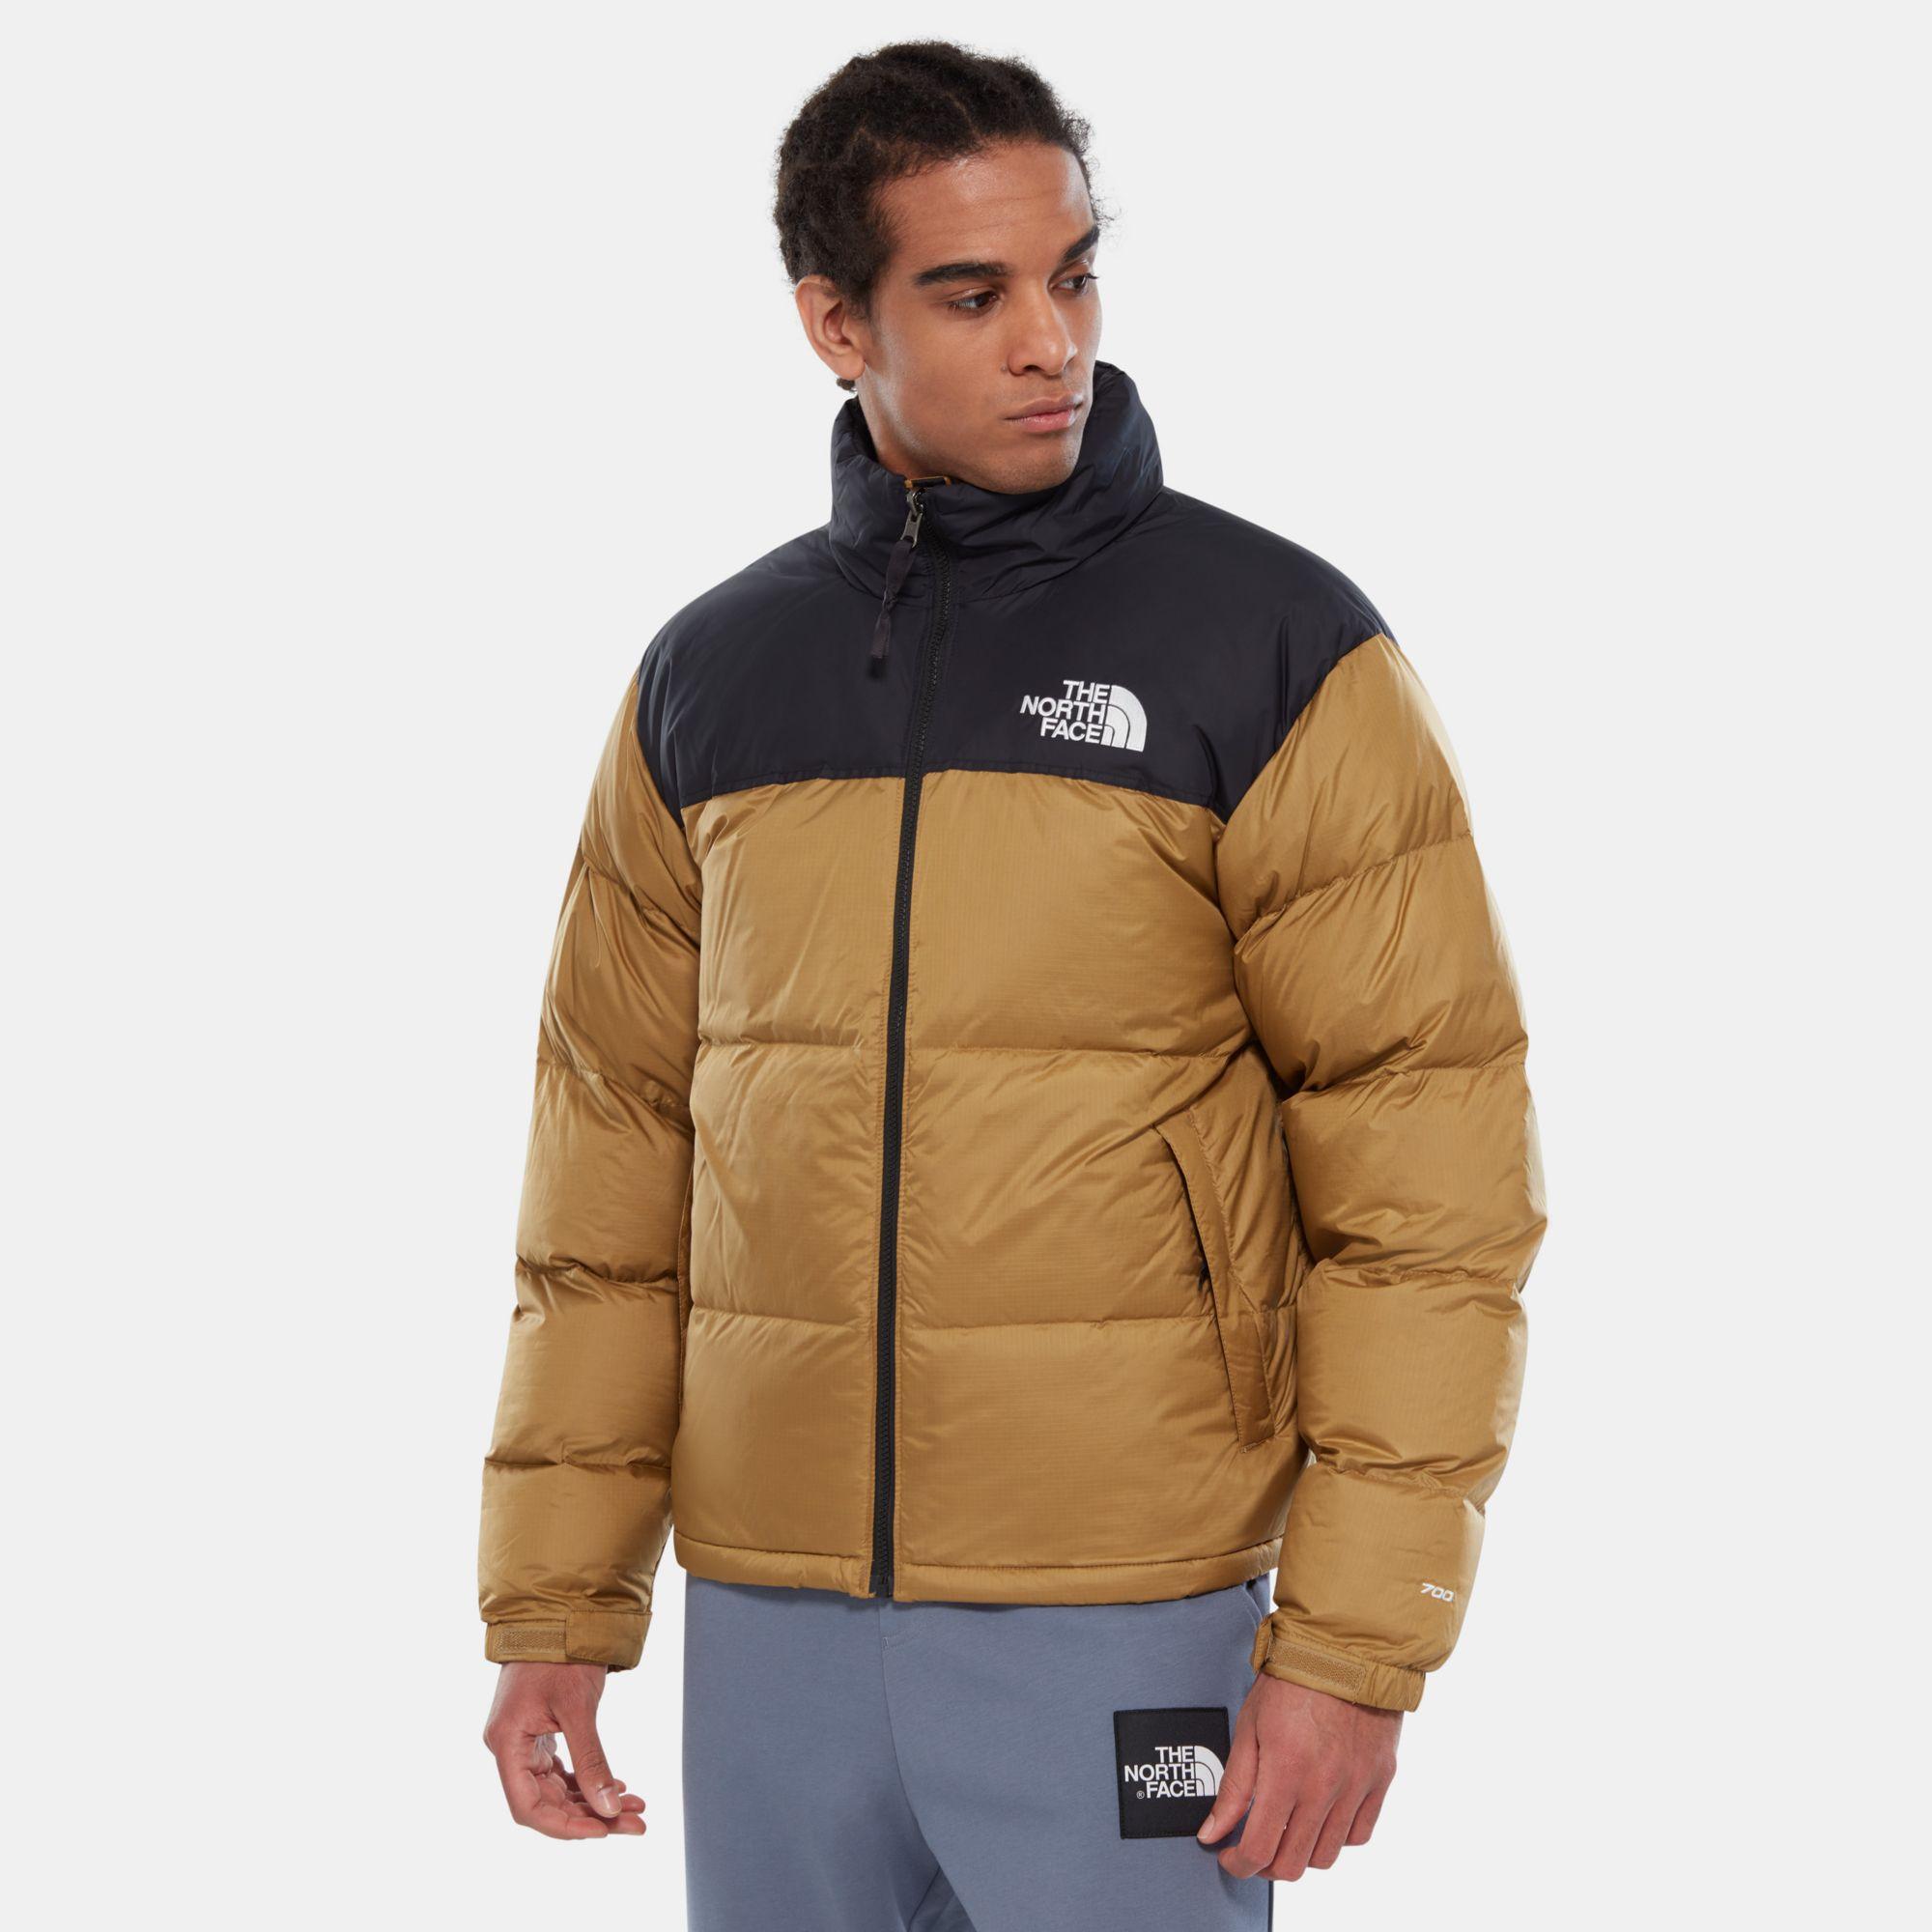 The North Face Opbergbare 1996 Retro Nuptse-jas in het Bruin voor heren